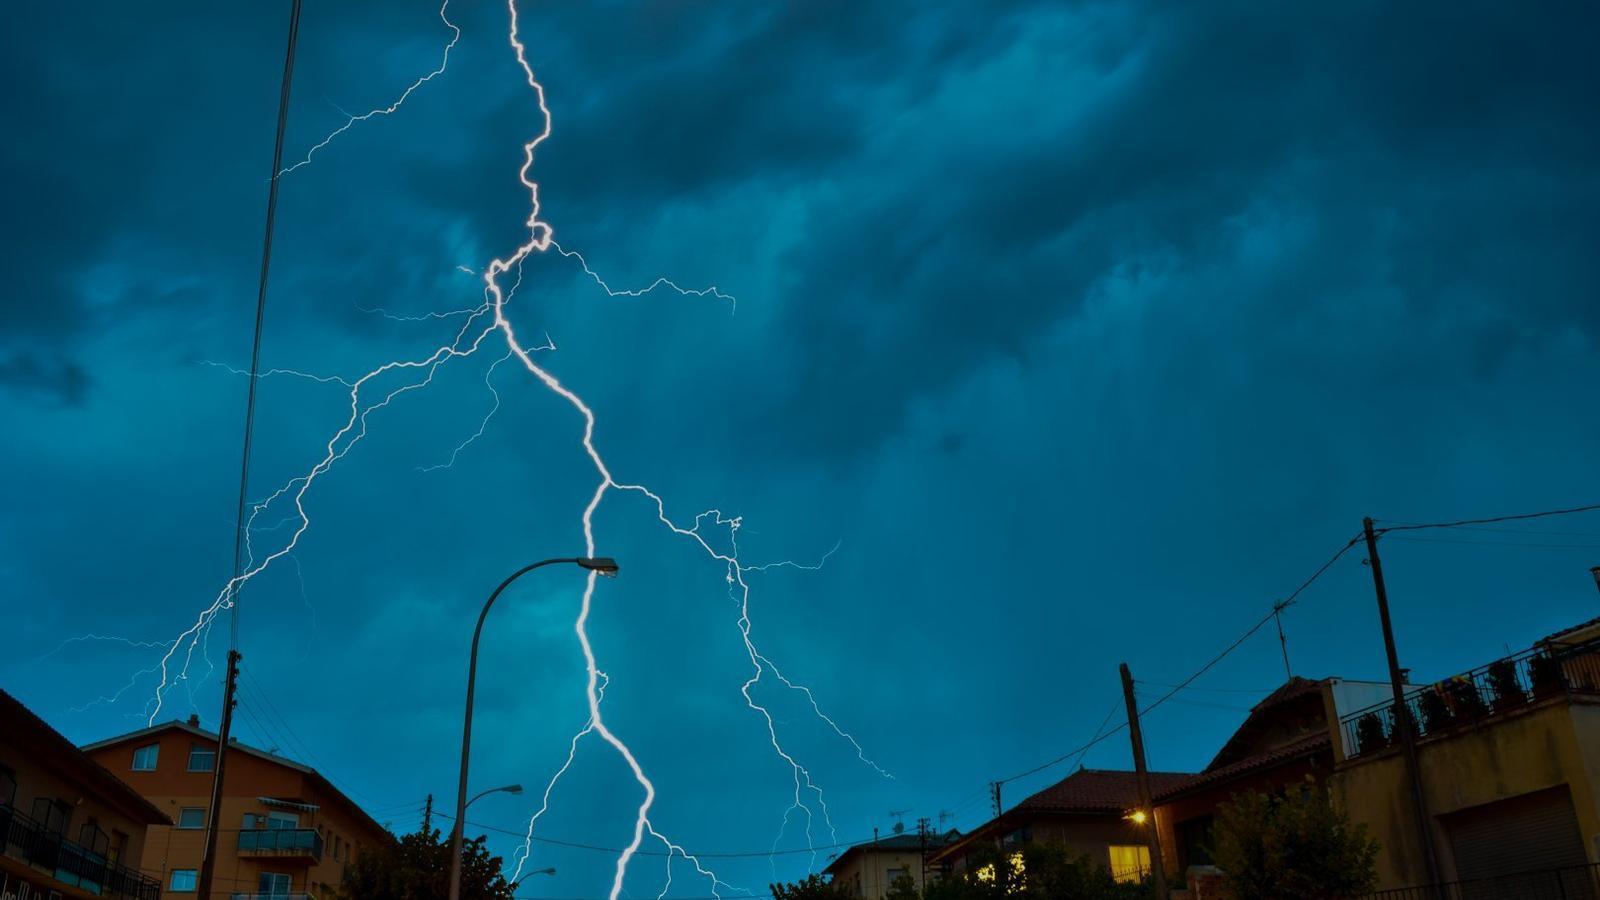 Galeria d'imatges d'una nit de tempestes i d'una sortida de sol ben rogenca